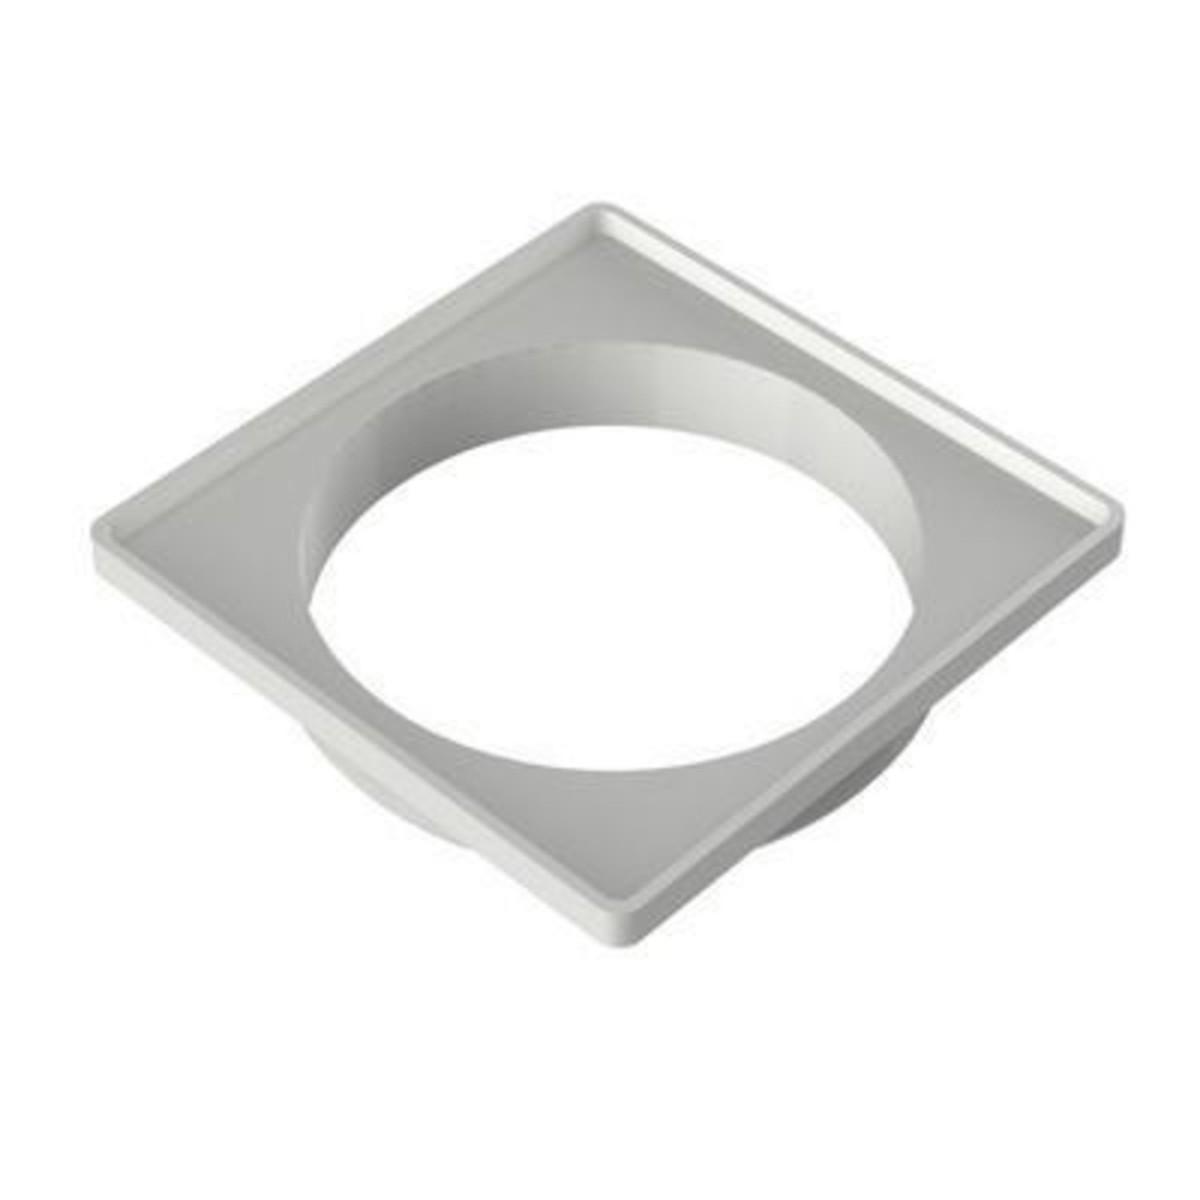 Esgoto Porta Grelha Quadrado Para Grelha Quadrada Branca 100mm - 4